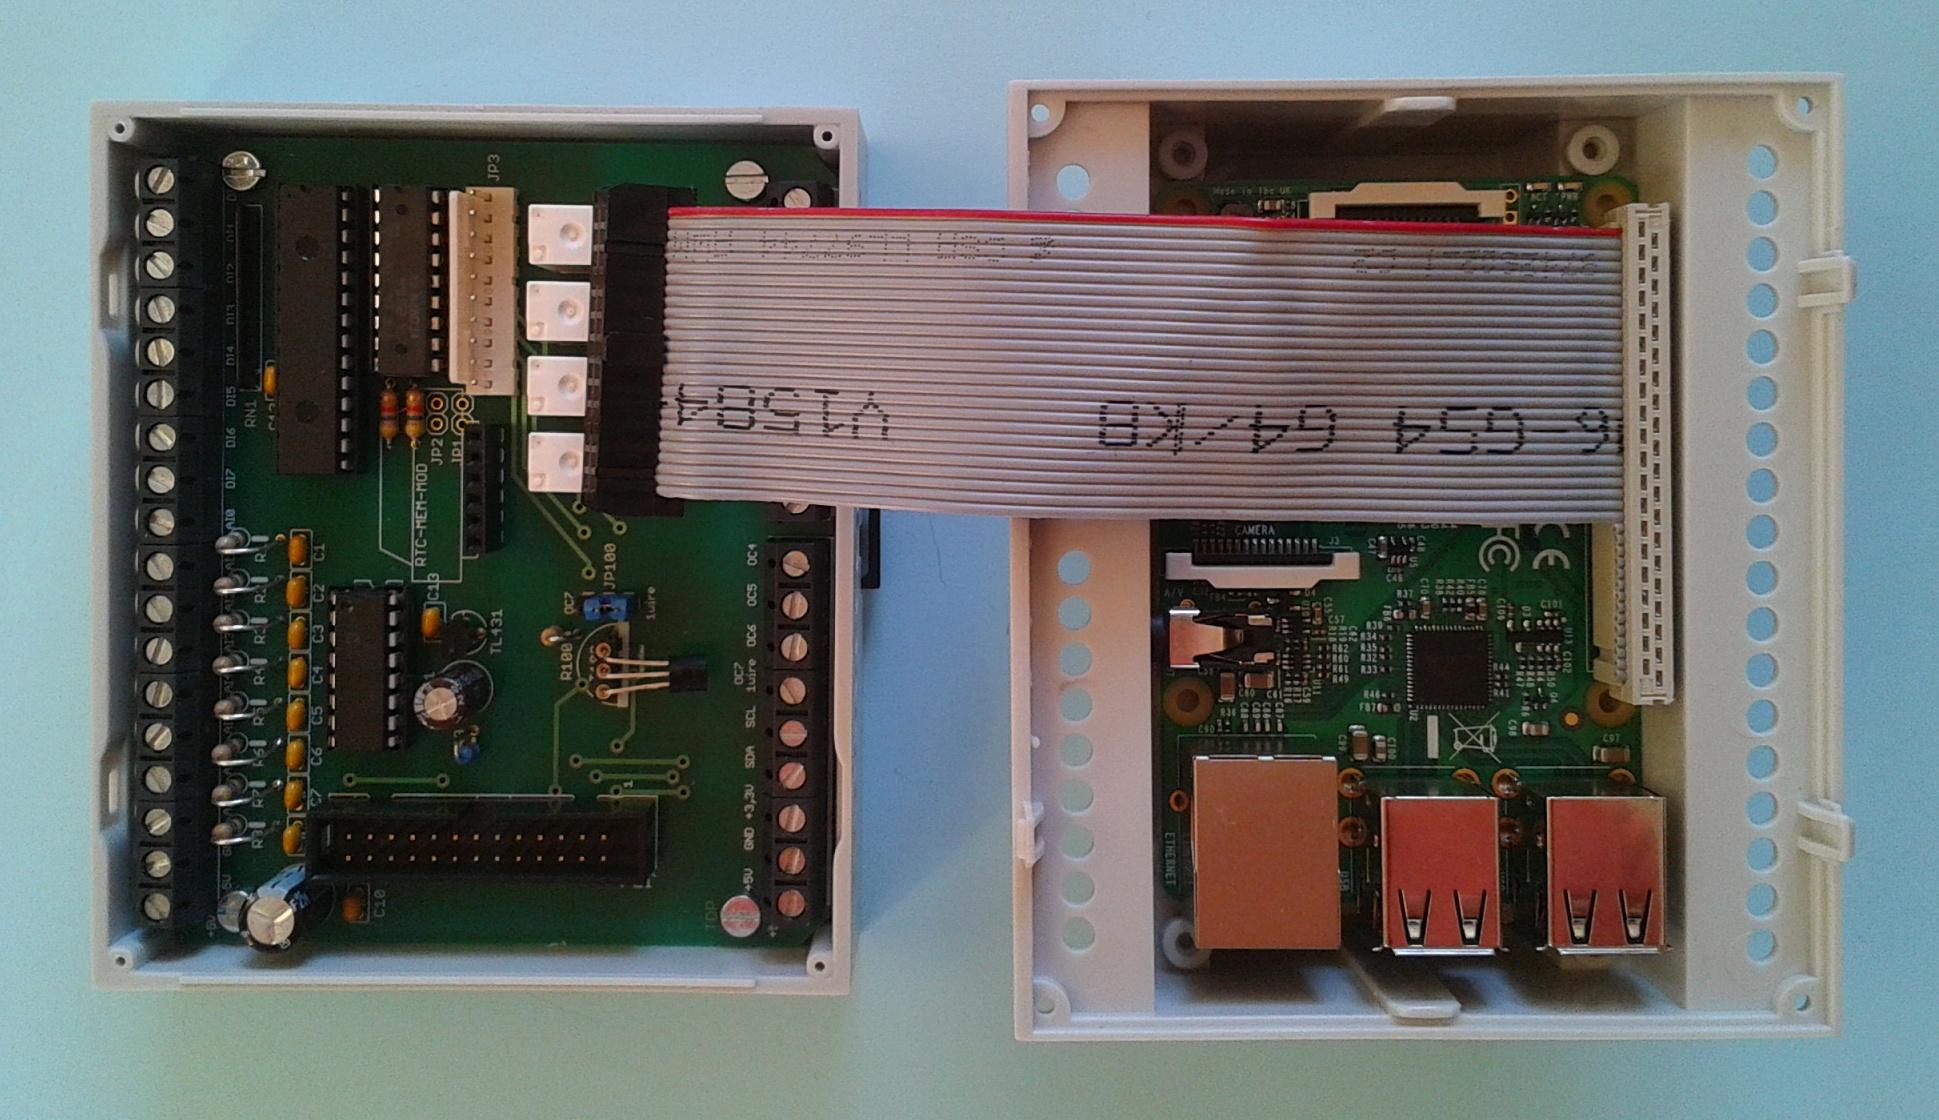 von der sps heizungssteuerung zum raspi digital analog relais rtc 1wire board. Black Bedroom Furniture Sets. Home Design Ideas